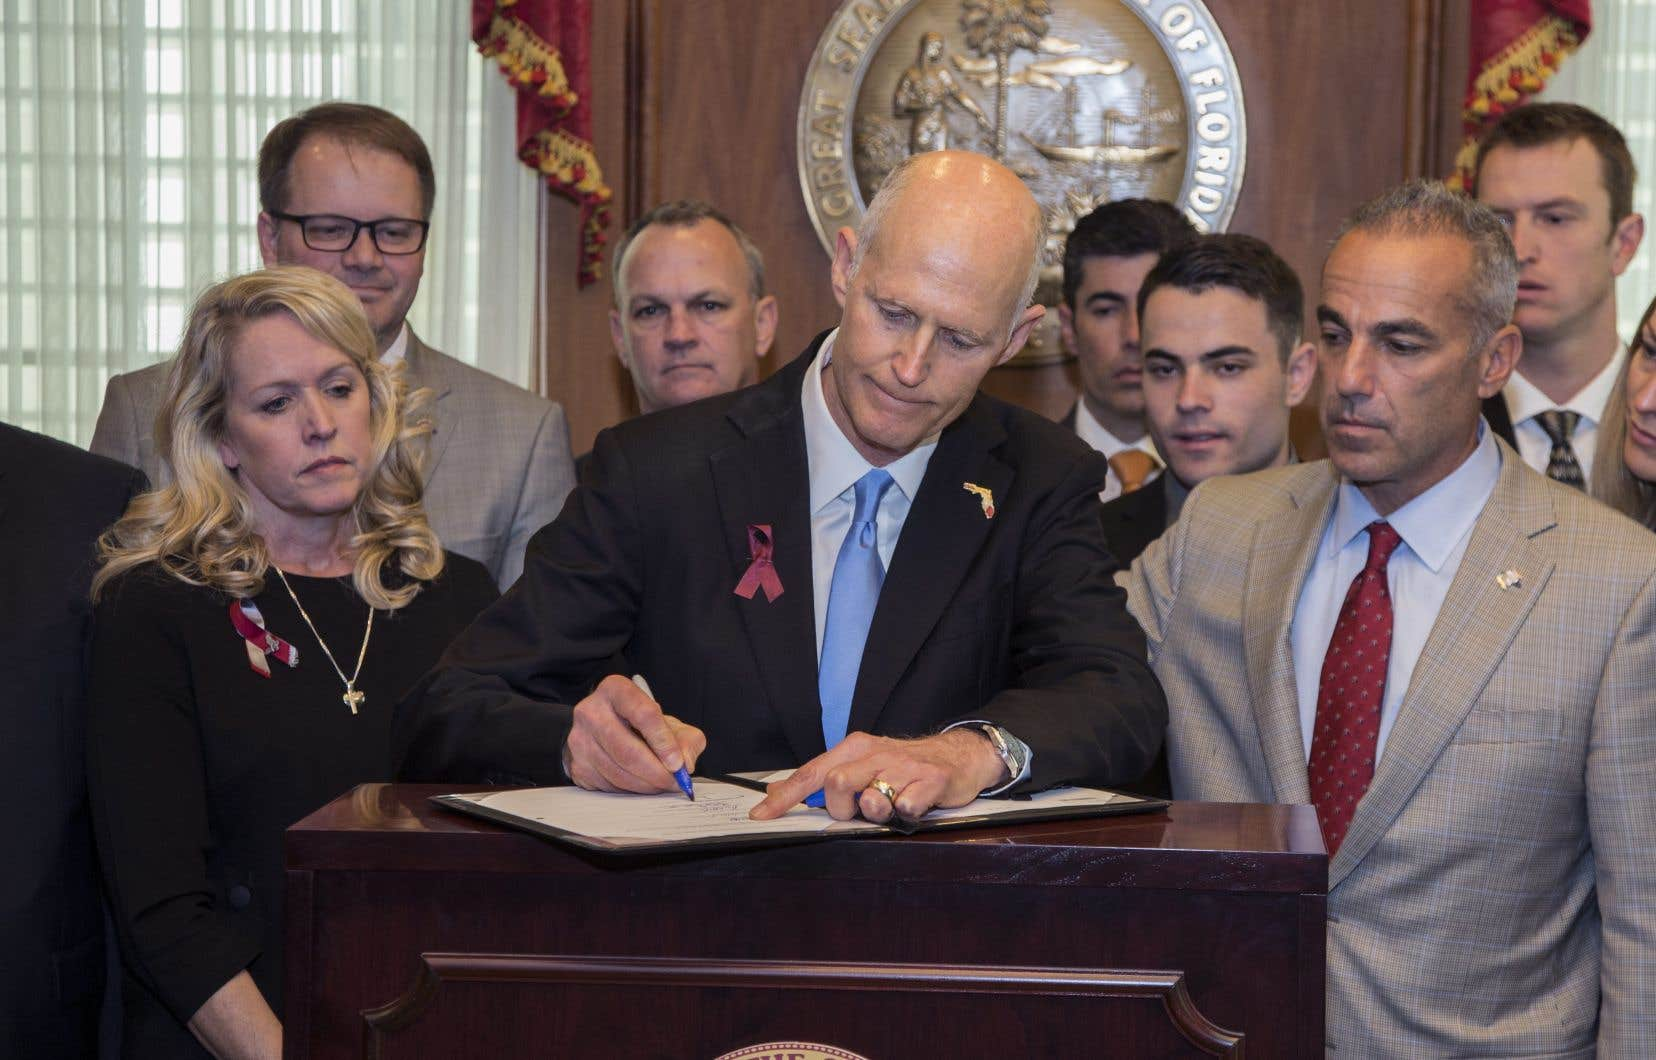 Le gouverneur de la Floride, Rick Scott, signe la Loi sur la sécurité publique de Marjory Stoneman Douglas dans le bureau du gouverneur au Florida State Capitol à Tallahassee, en Floride, le vendredi 9 mars 2018.